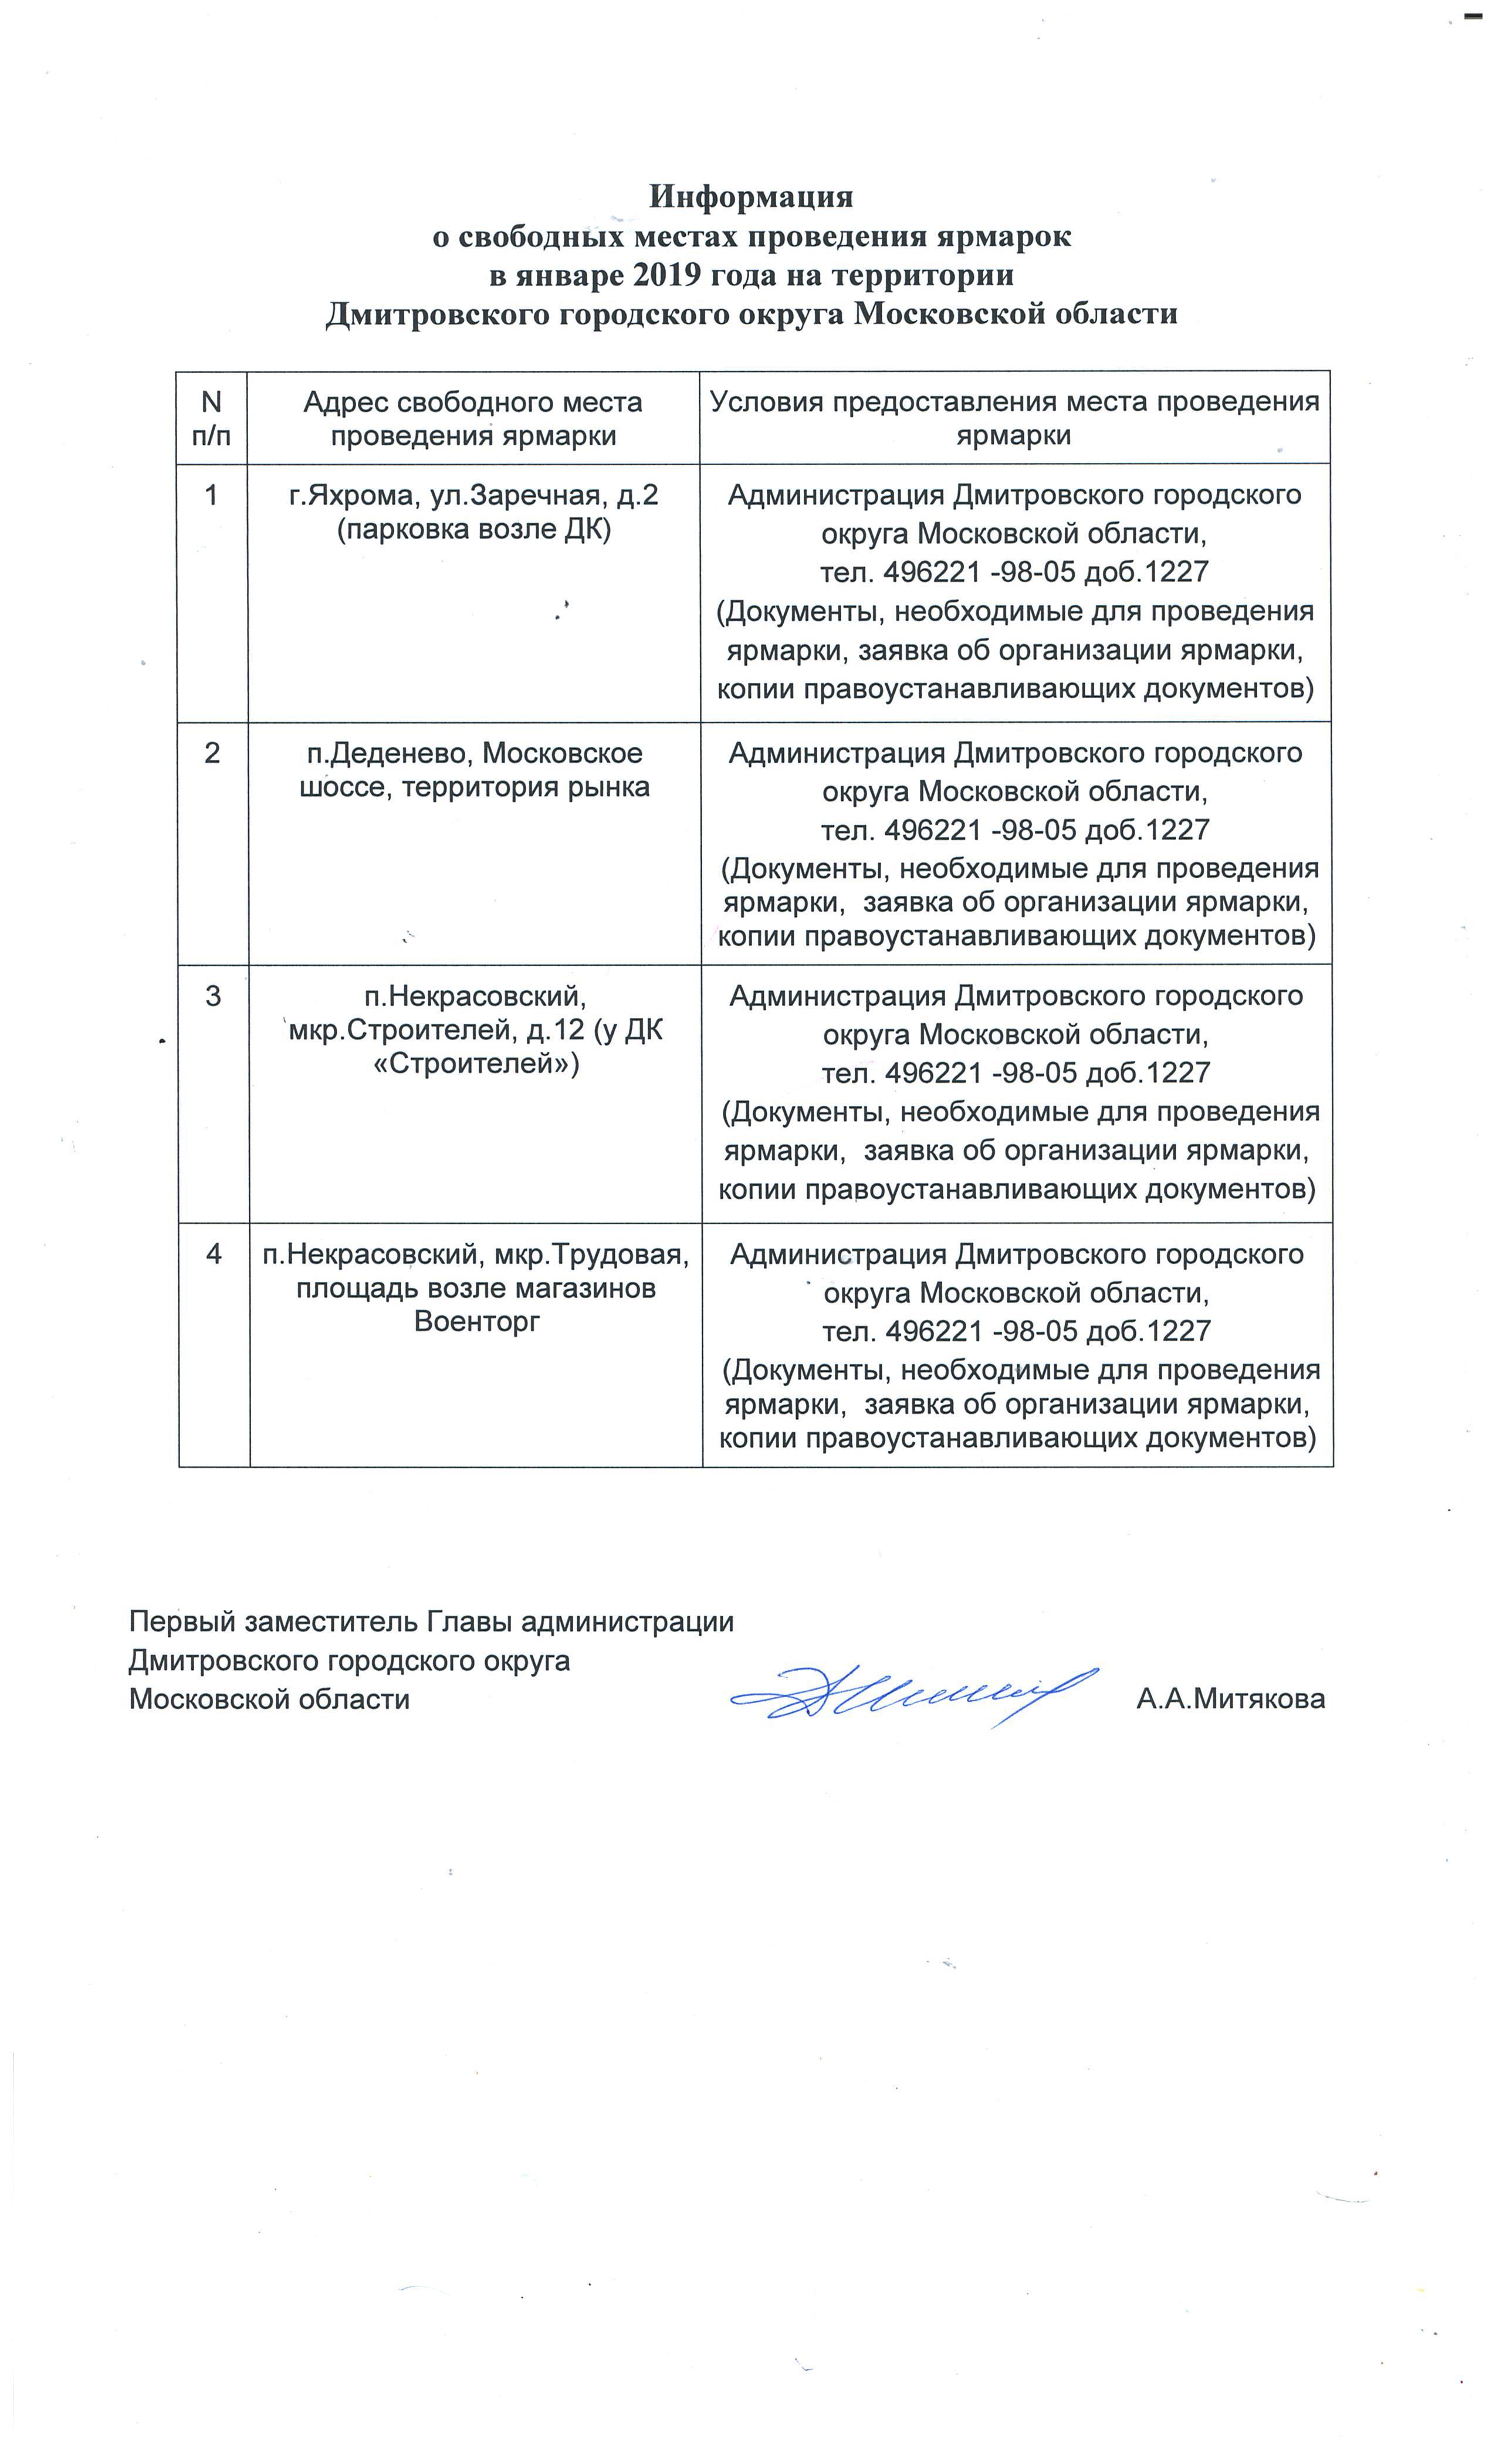 Электронные больничные листы в 2019 году Орехово Зуево